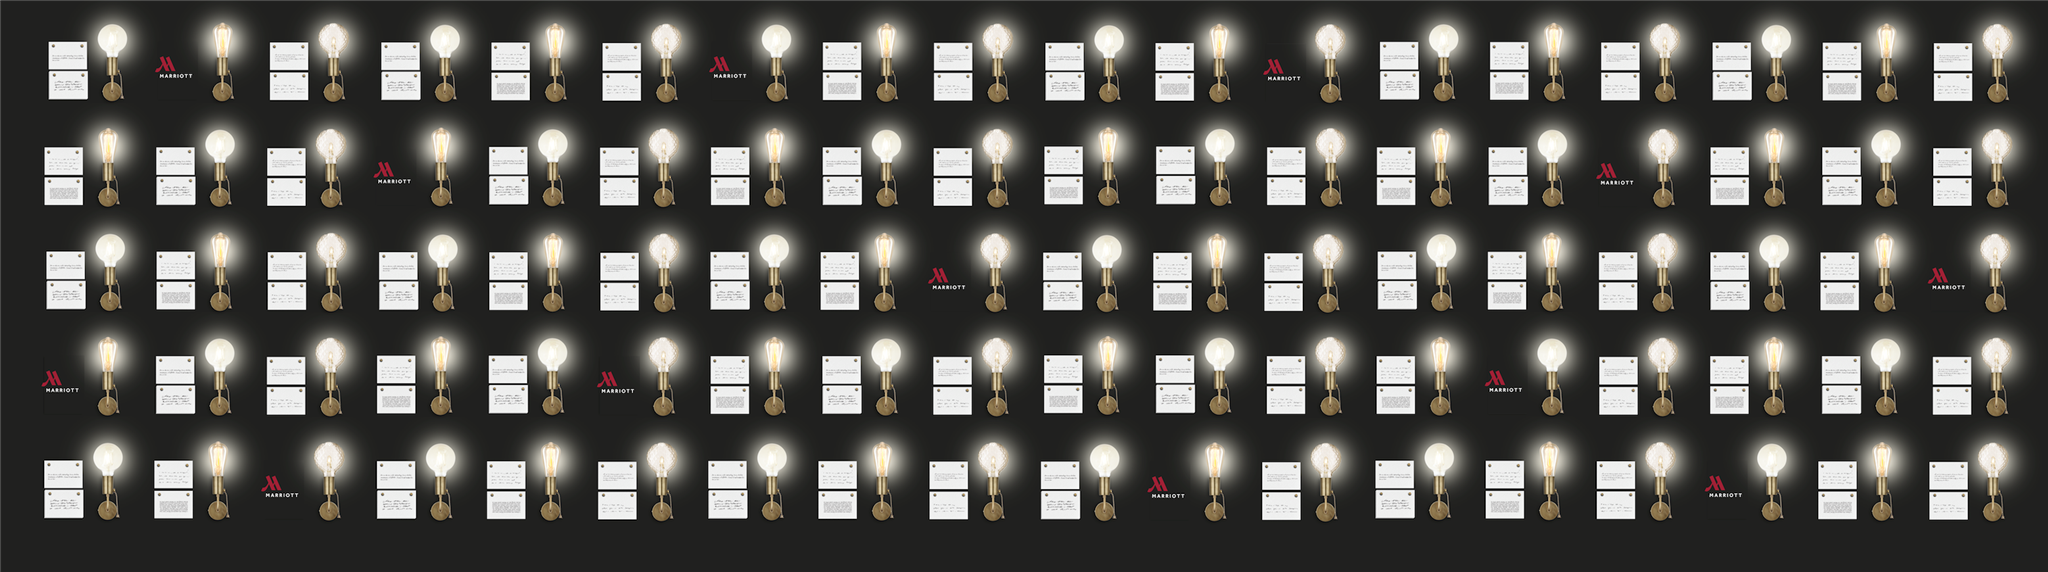 Marriott_TEDx_Light Wall_Rendering.png